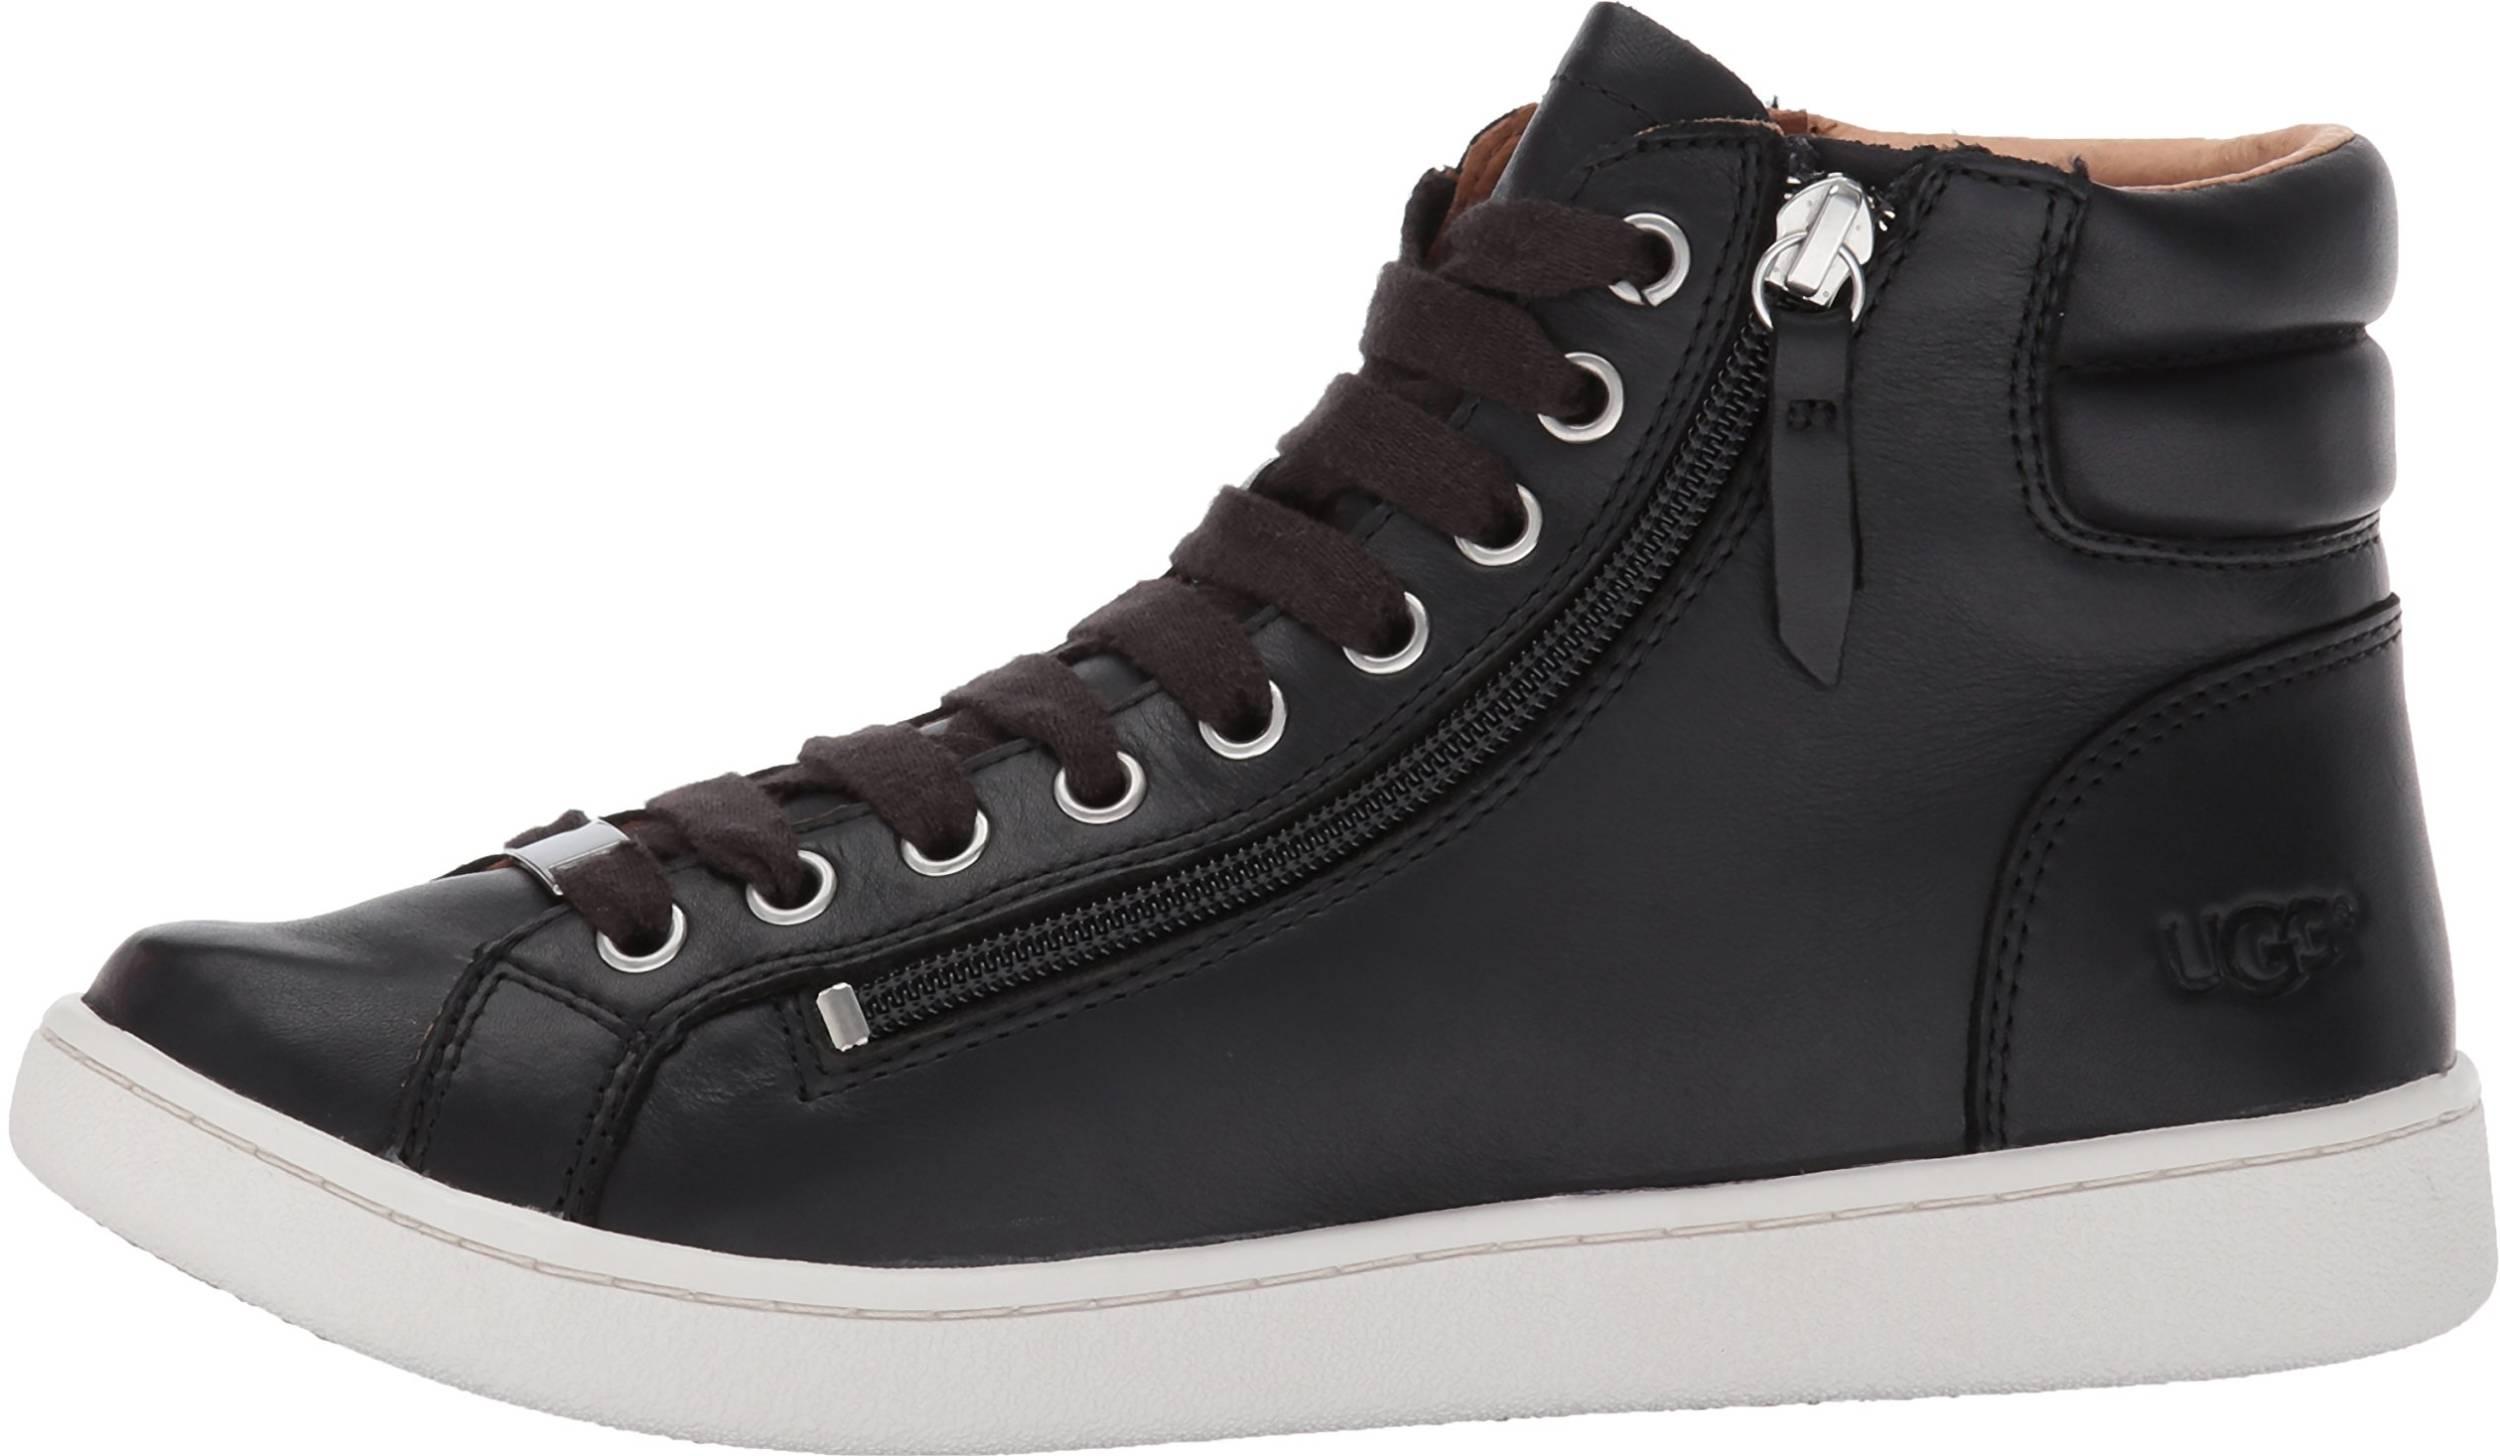 womens black mid top sneakers